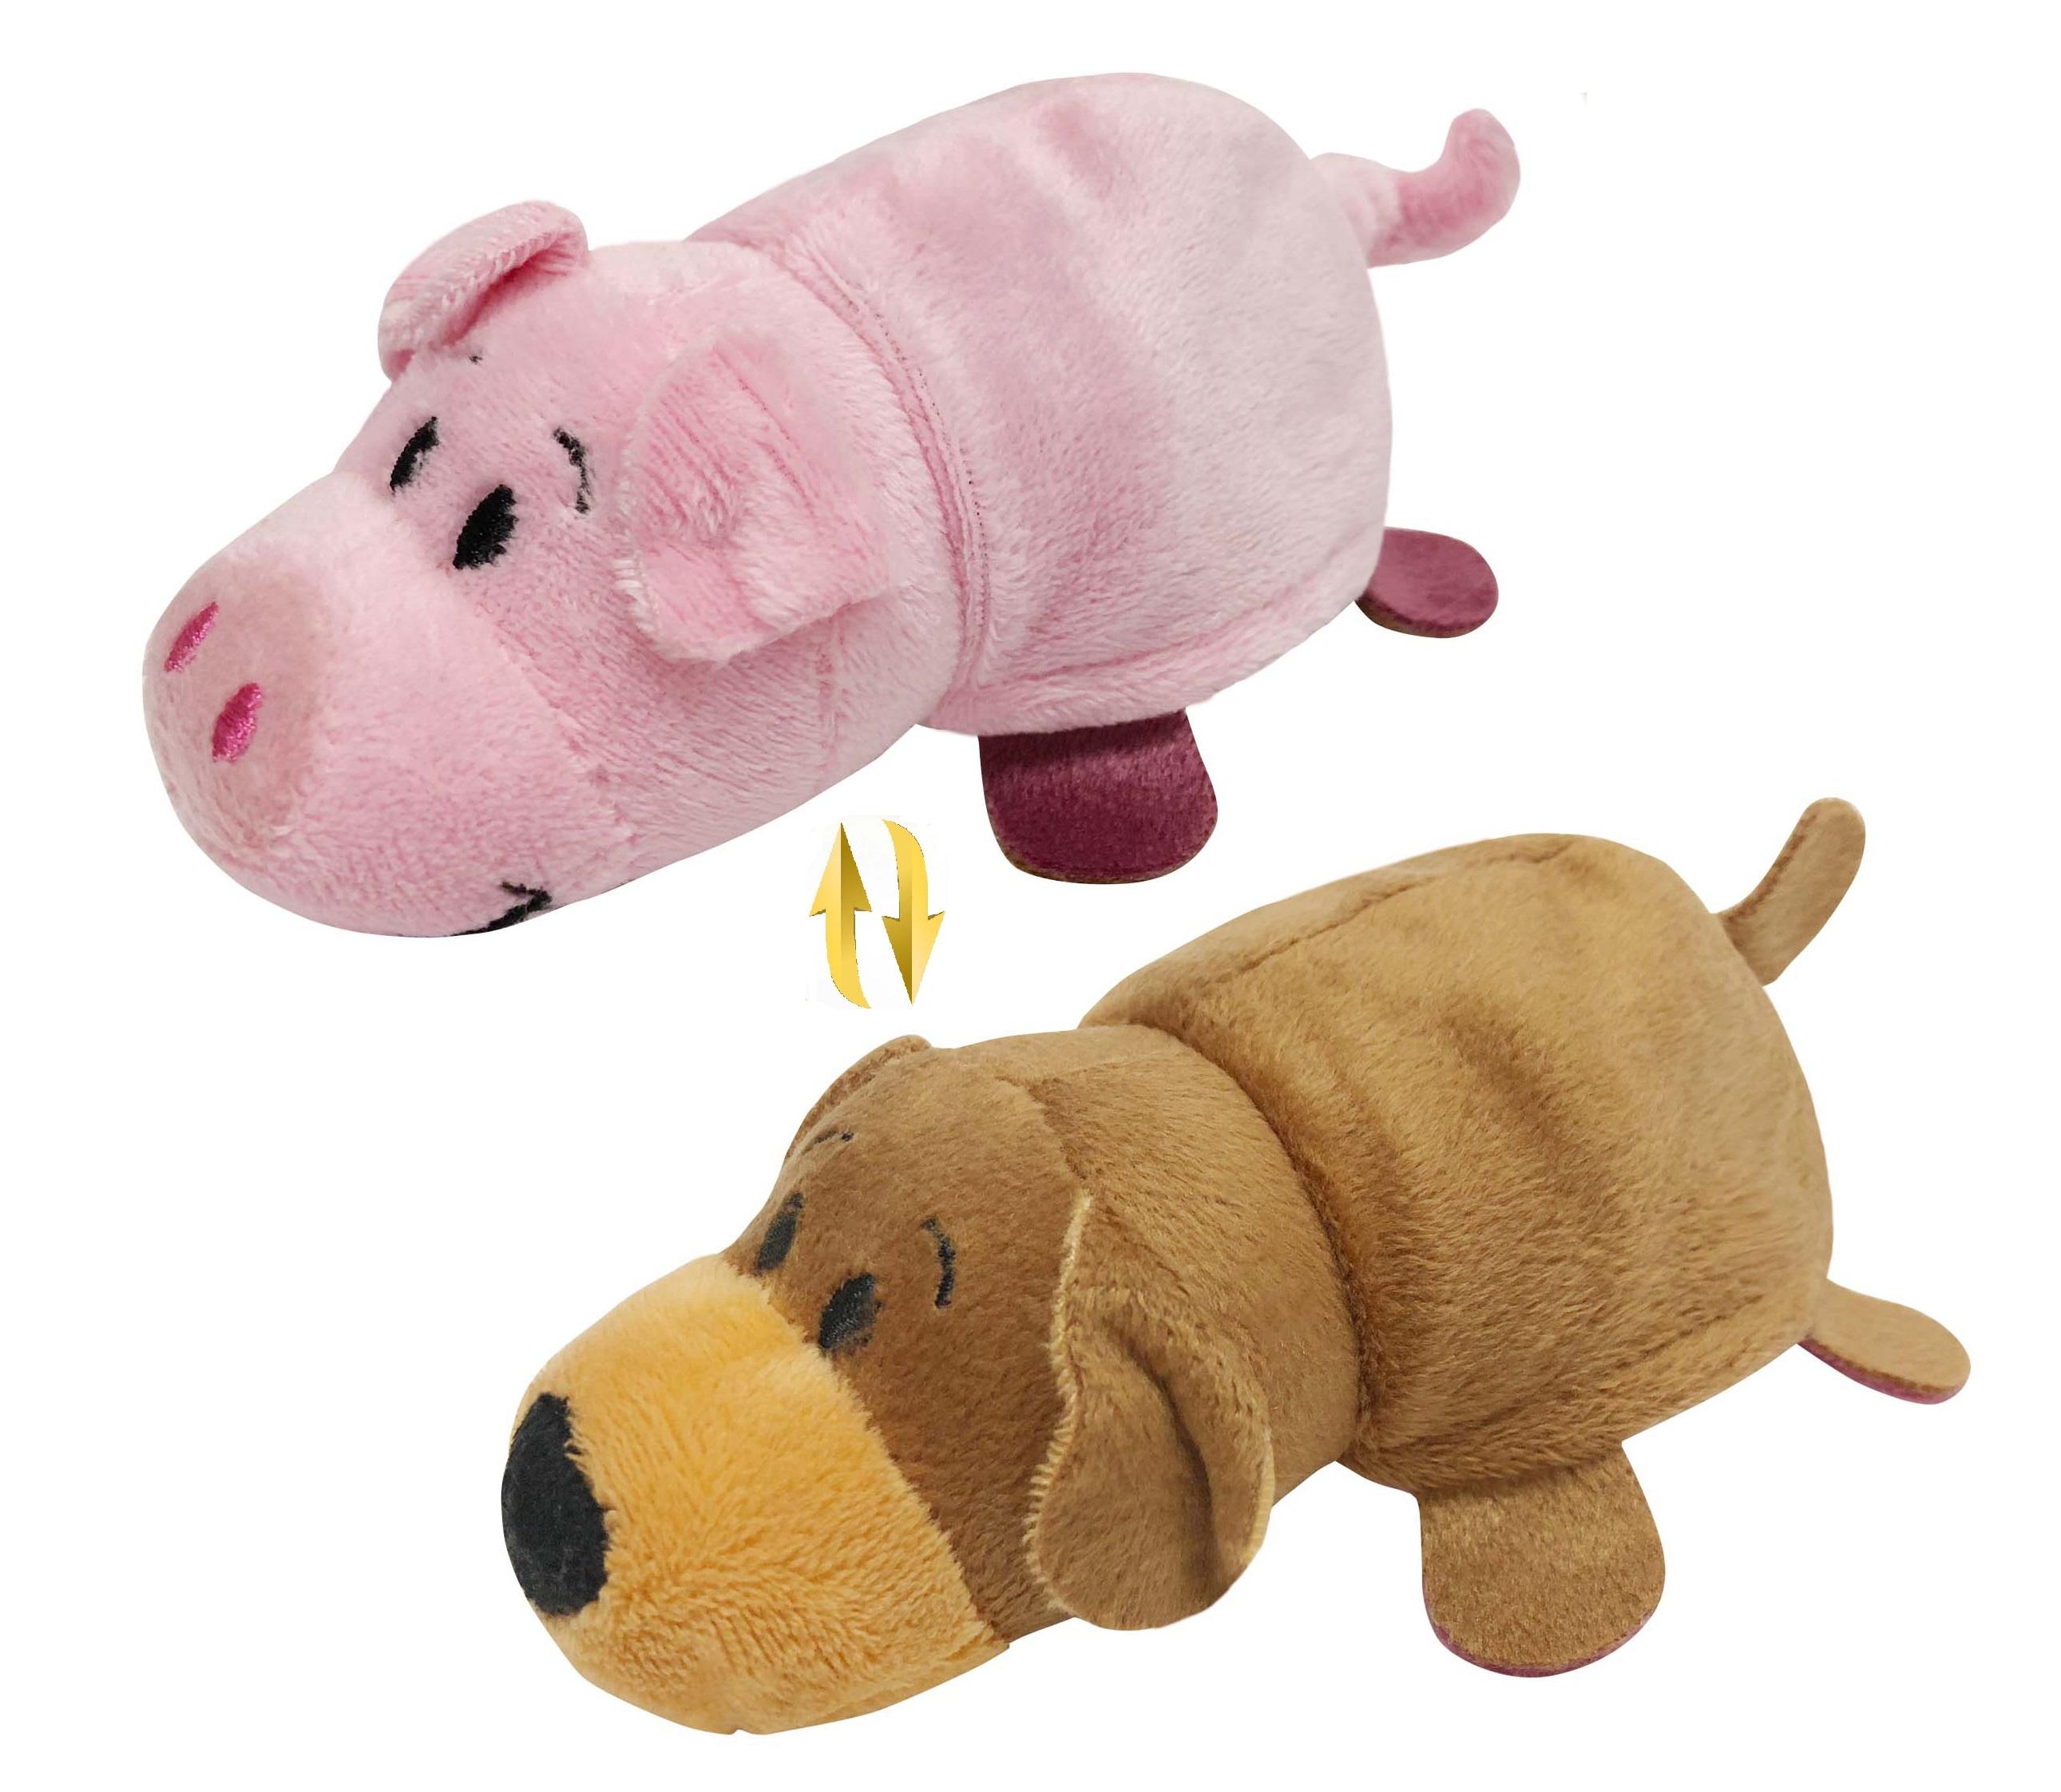 Мягкая игрушка 1toy Вывернушка Ням-Ням. Собака-Свинья 12 см Т13798-18 мягкие игрушки lapa house собака сумка 24 см